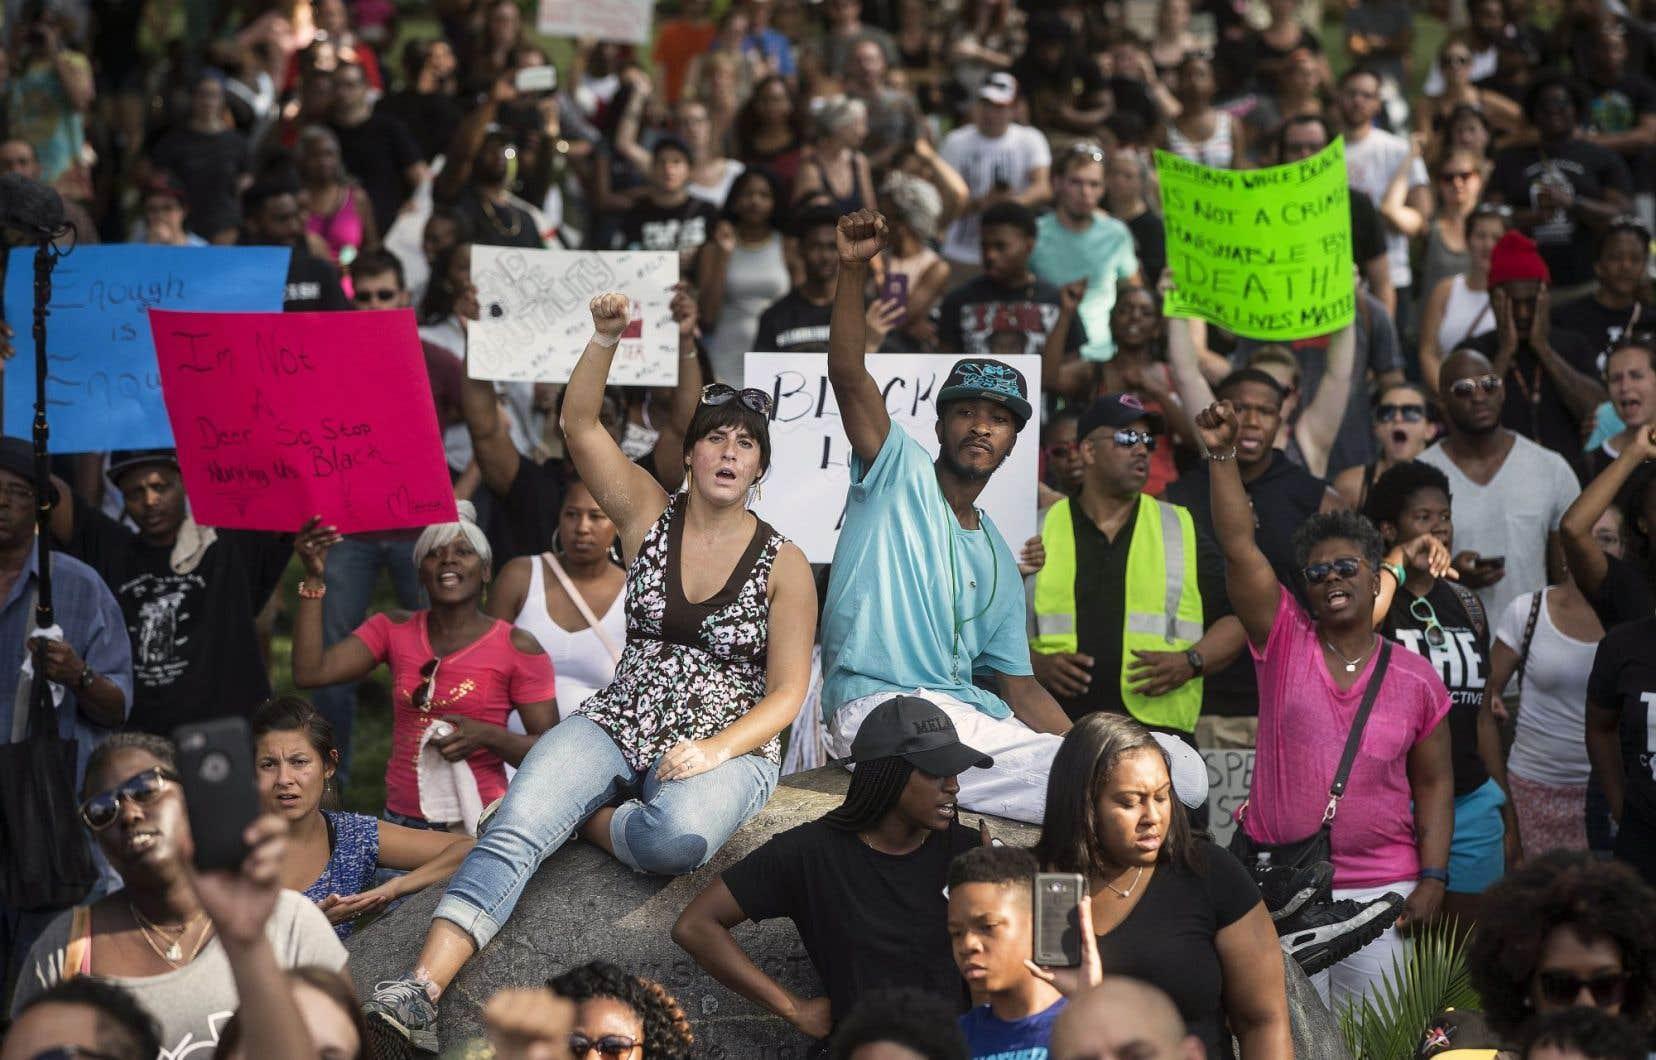 Des manifestations se sont tenues chaque soir à travers les États-Unis depuis les événements de la semaine dernière. Dimanche, la foule s'était rassemblée au parc Washington à Cincinnati. Un rassemblement avait aussi lieu à Baton Rouge, où un homme noir a été abattu par un policier dans un stationnement.